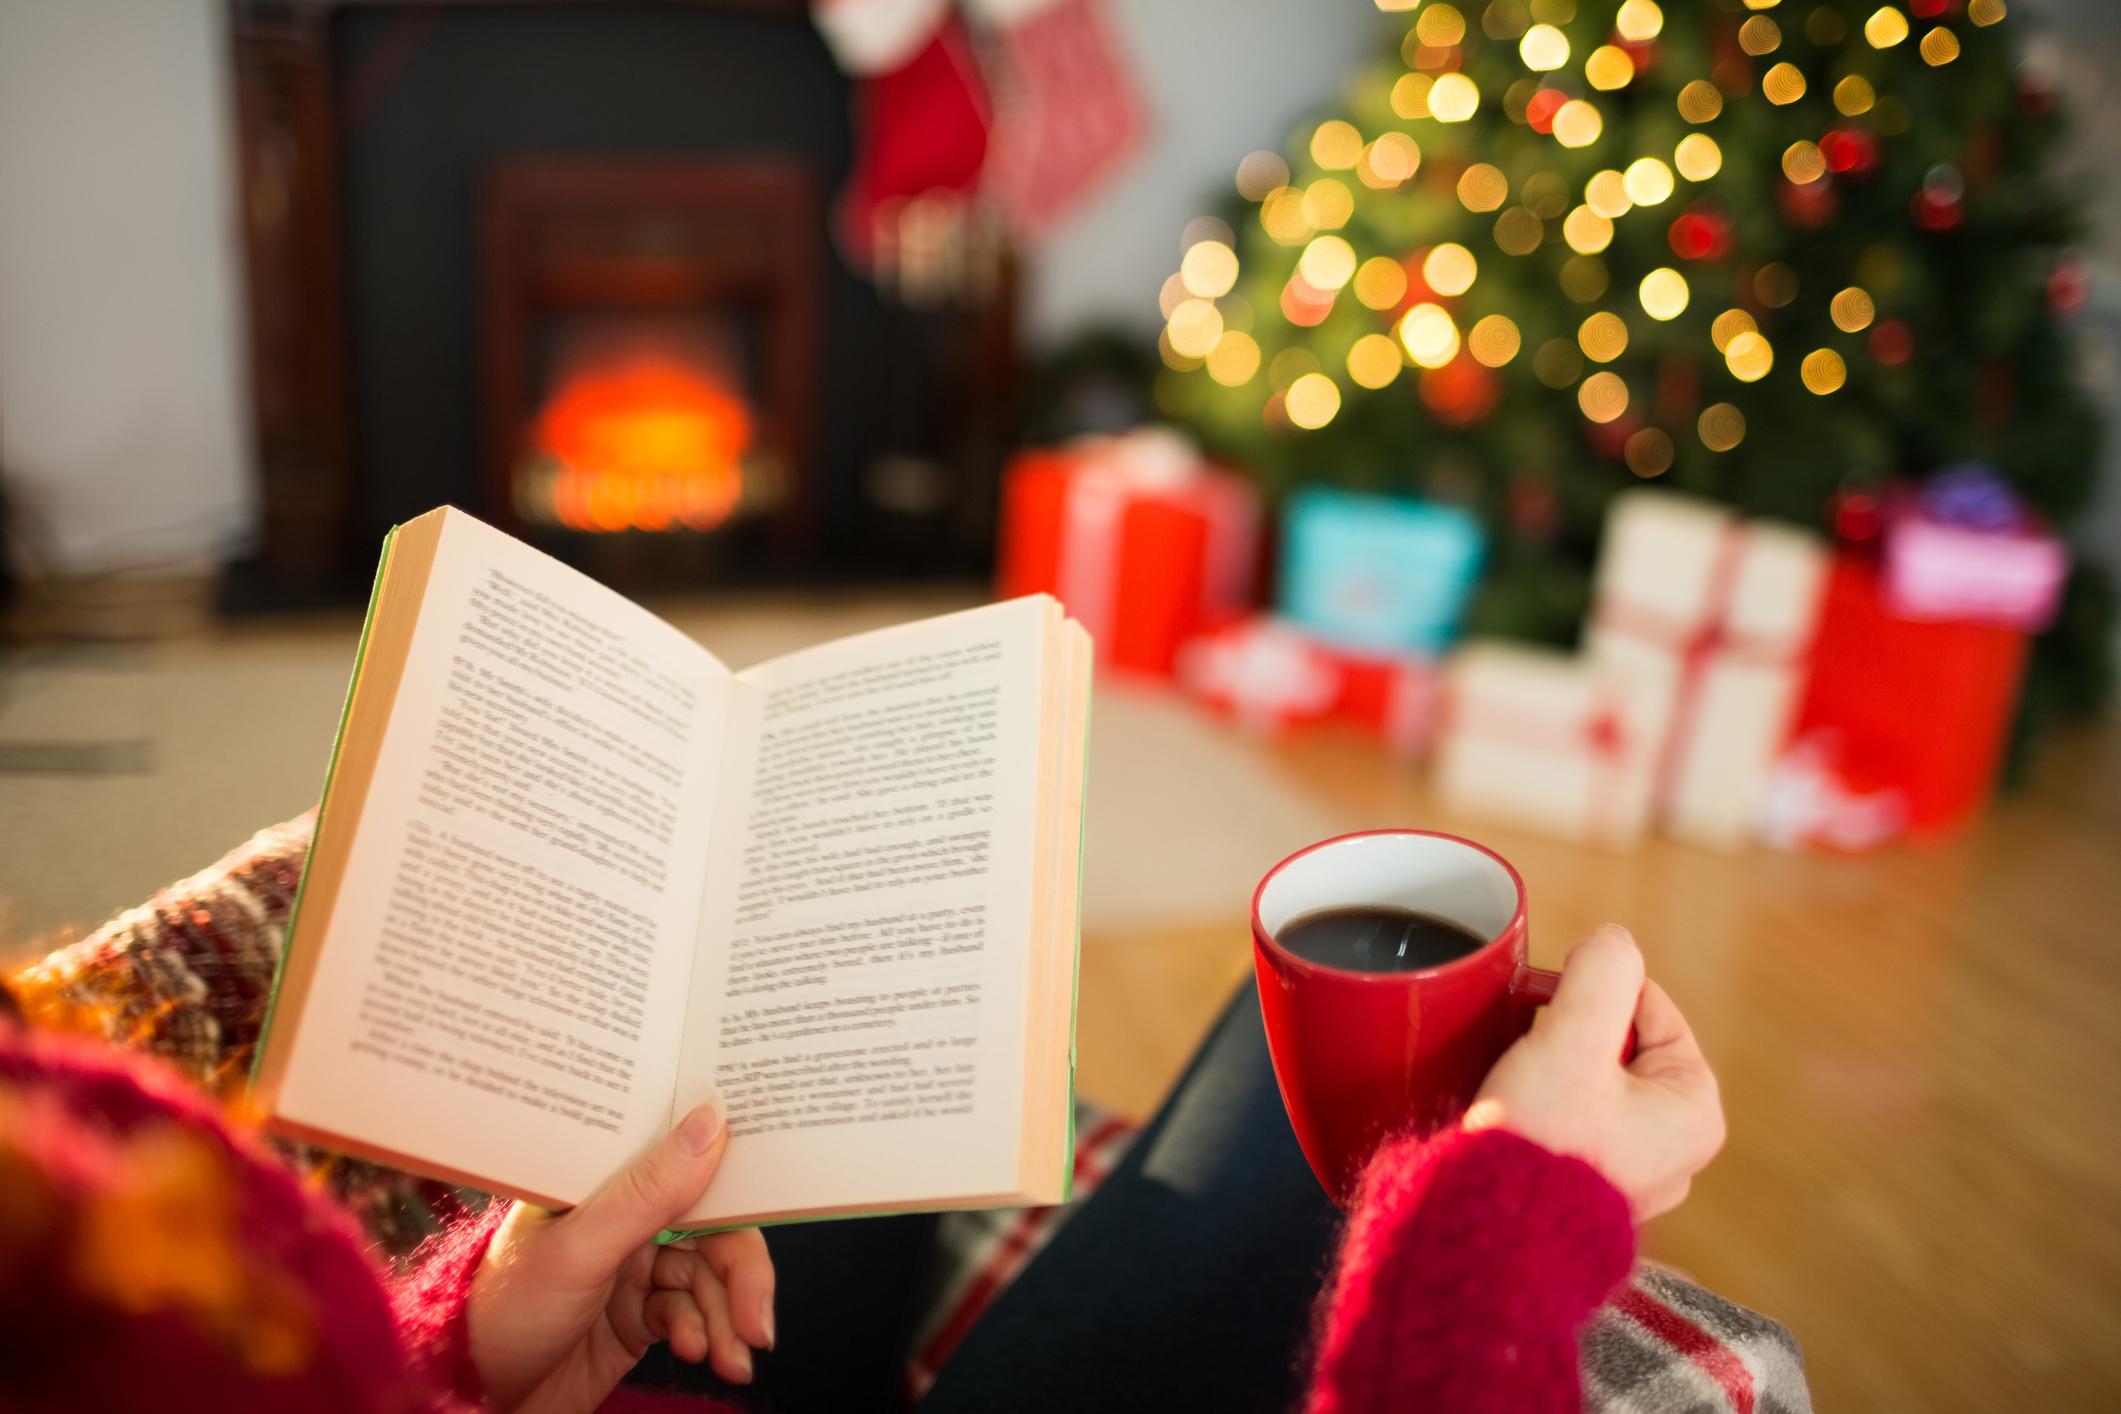 3.<br /> Подарявайки книга, човек демонстрира и какъв интелектуалец е, защото чете. Ако пък подари книга, за която всички говорят, това показва колко готин е, защото е в крак с времето.